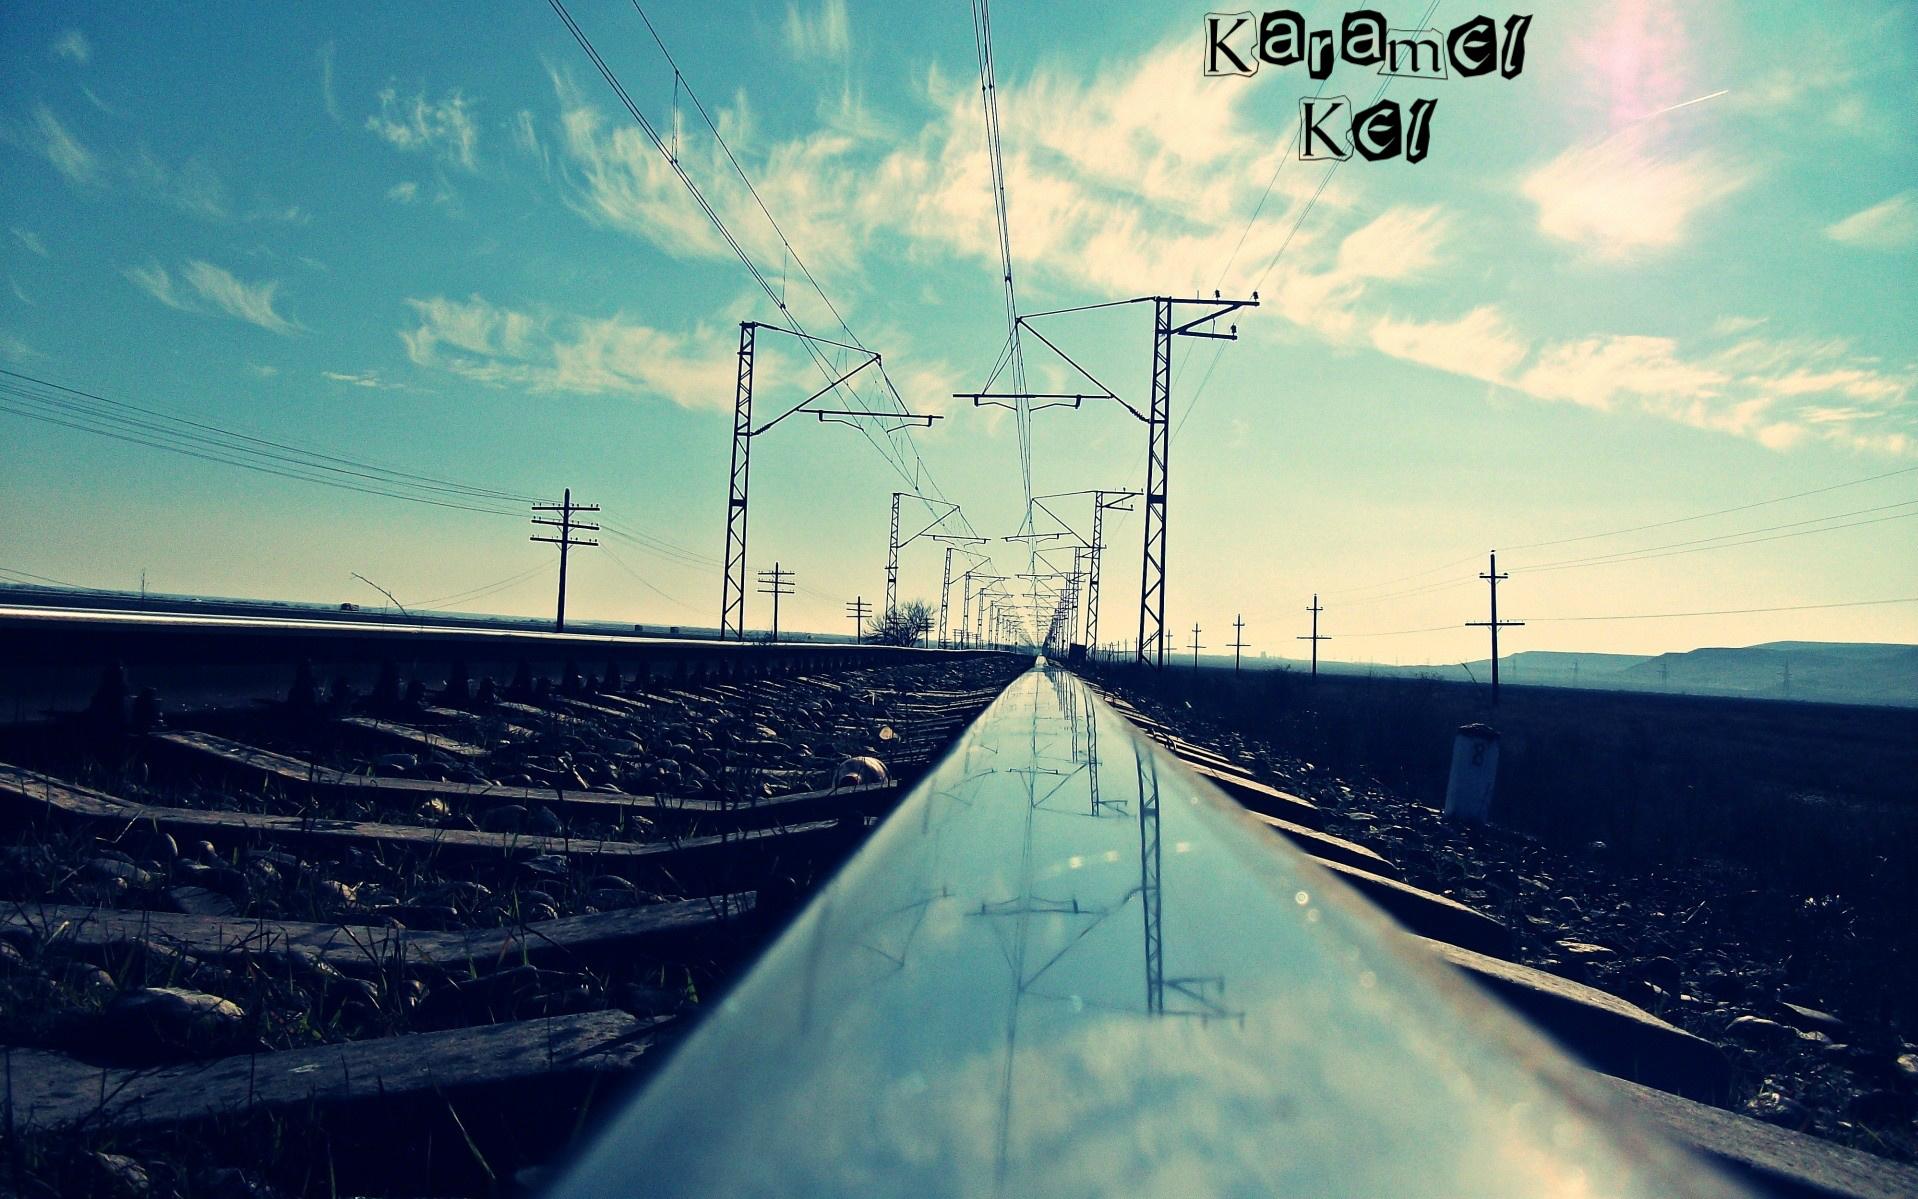 Free Download: Karamel Kel – Endless Sound (2012)